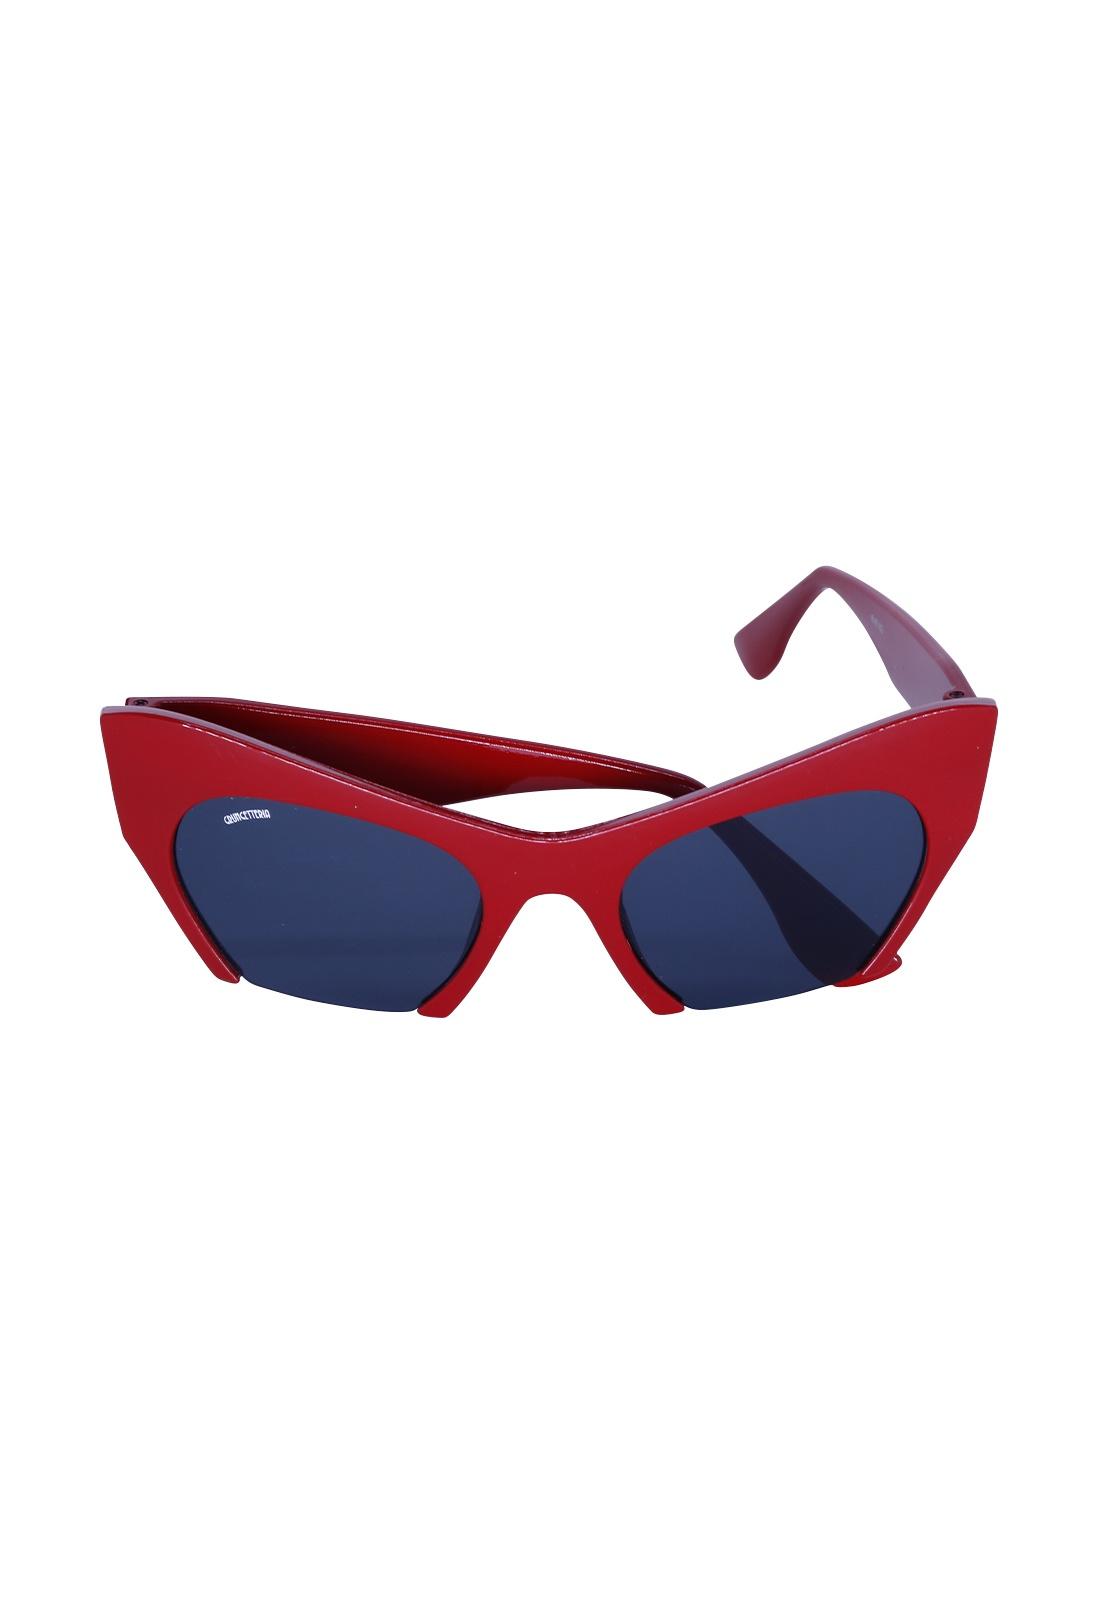 Óculos de Sol Grungetteria Optimus Vermelho